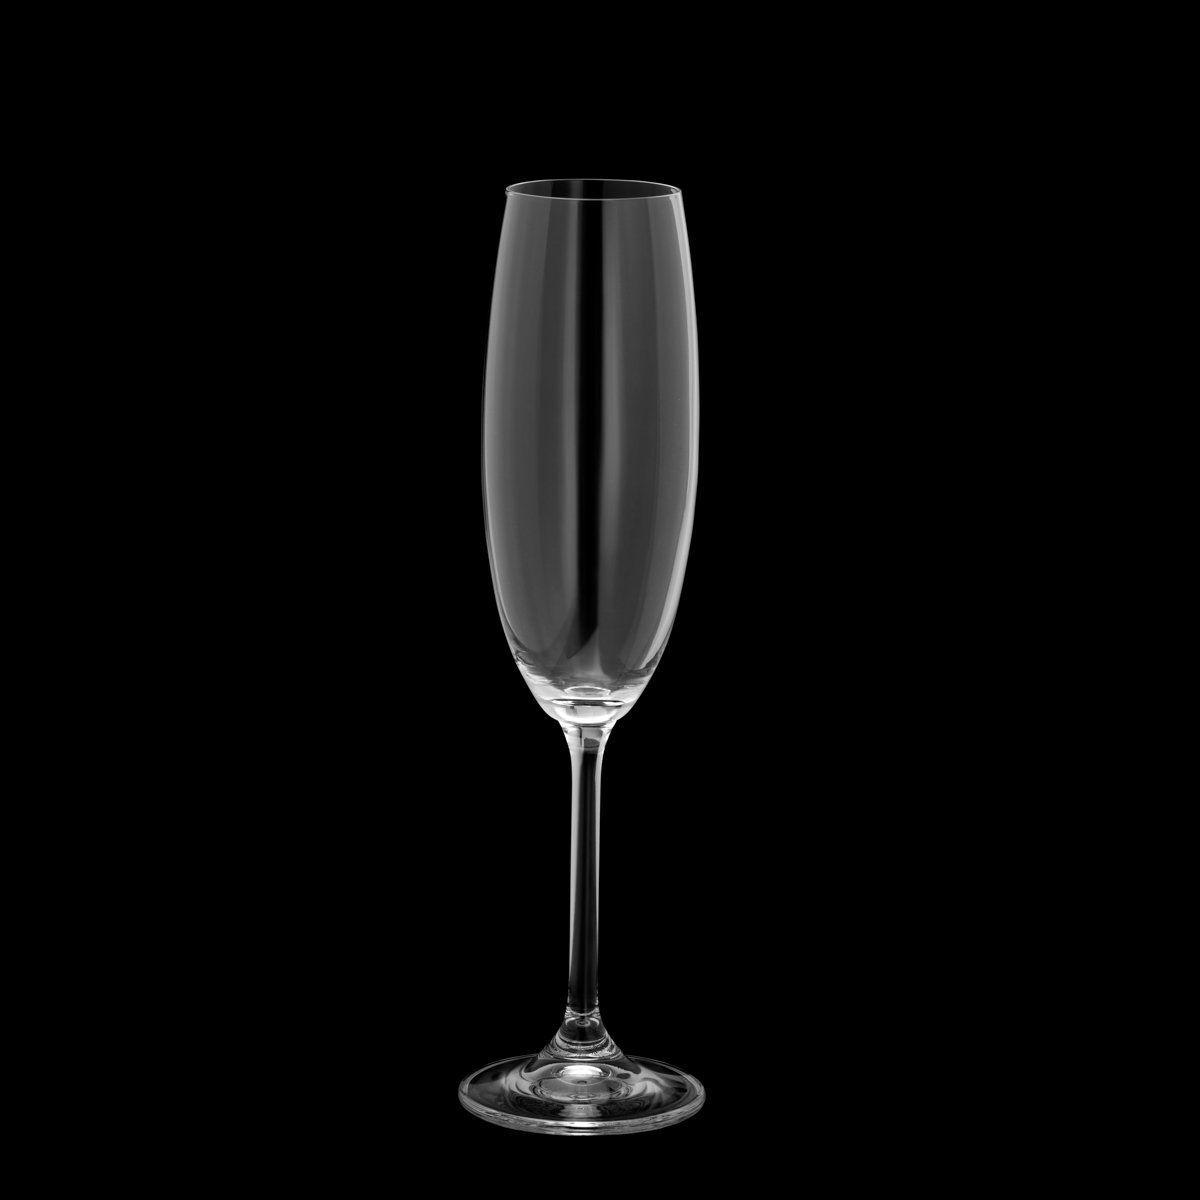 Jogo 6 taças 220ml para champagne de cristal ecológico transparente Gastro/Colibri Bohemia - 5327